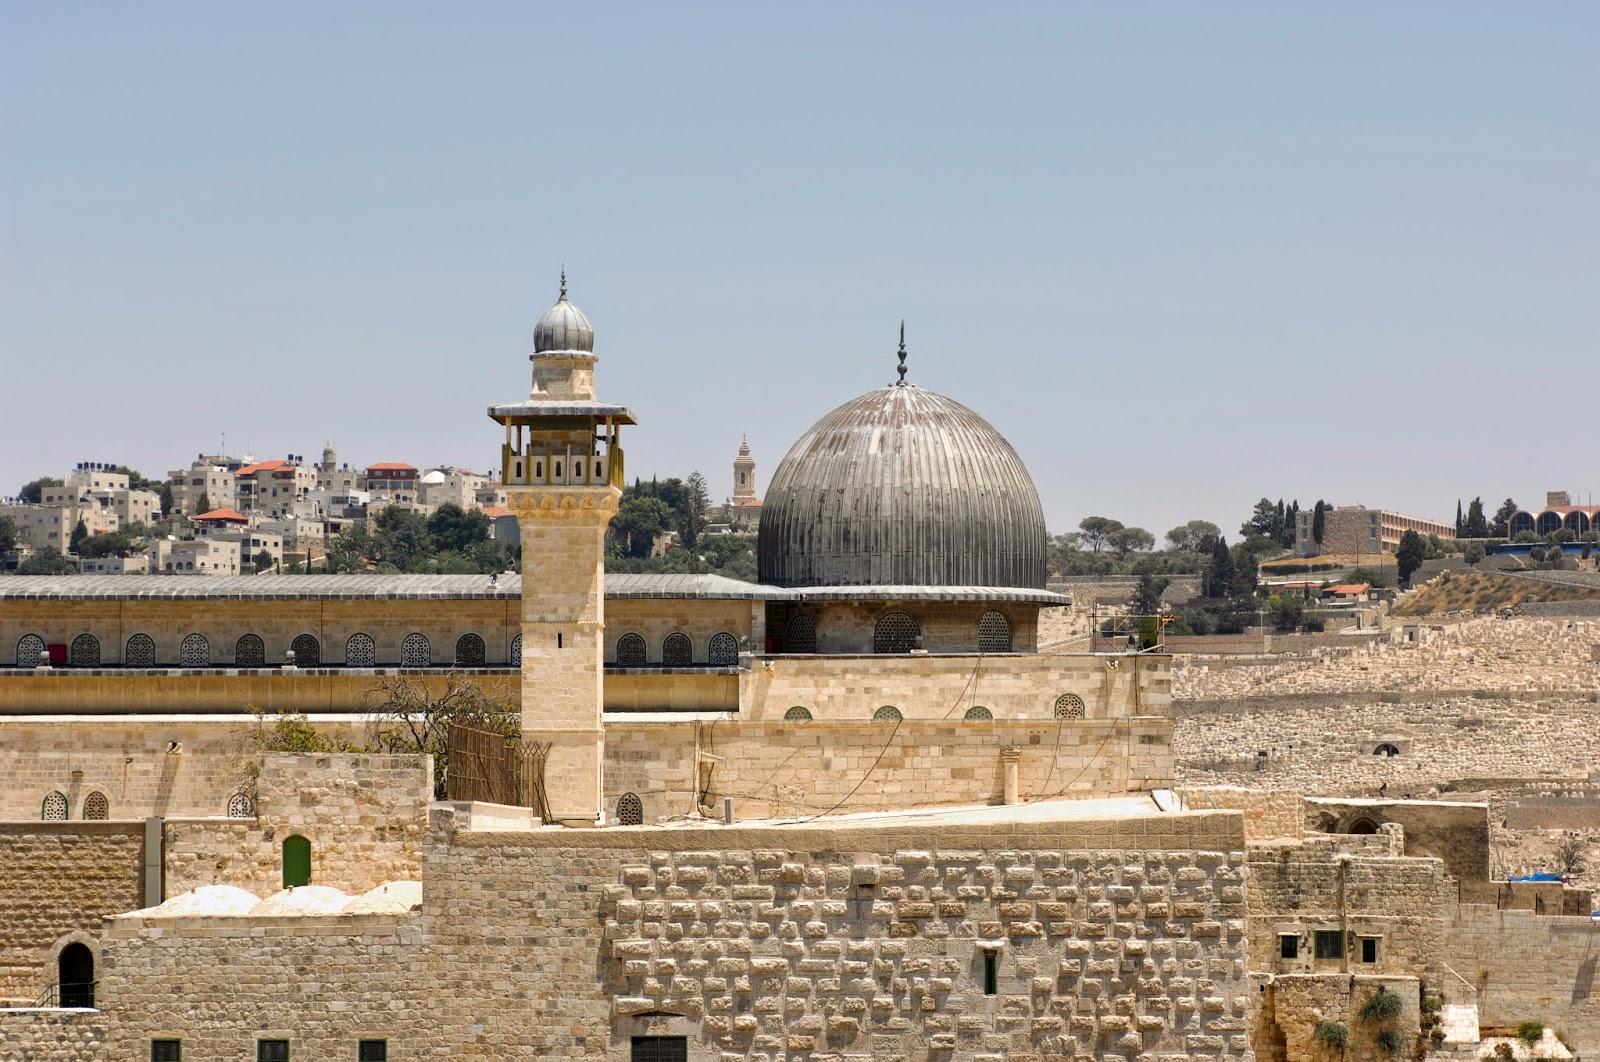 Download wallpaper masjid aqsa wallpaper hp - Al aqsa mosque hd wallpapers ...